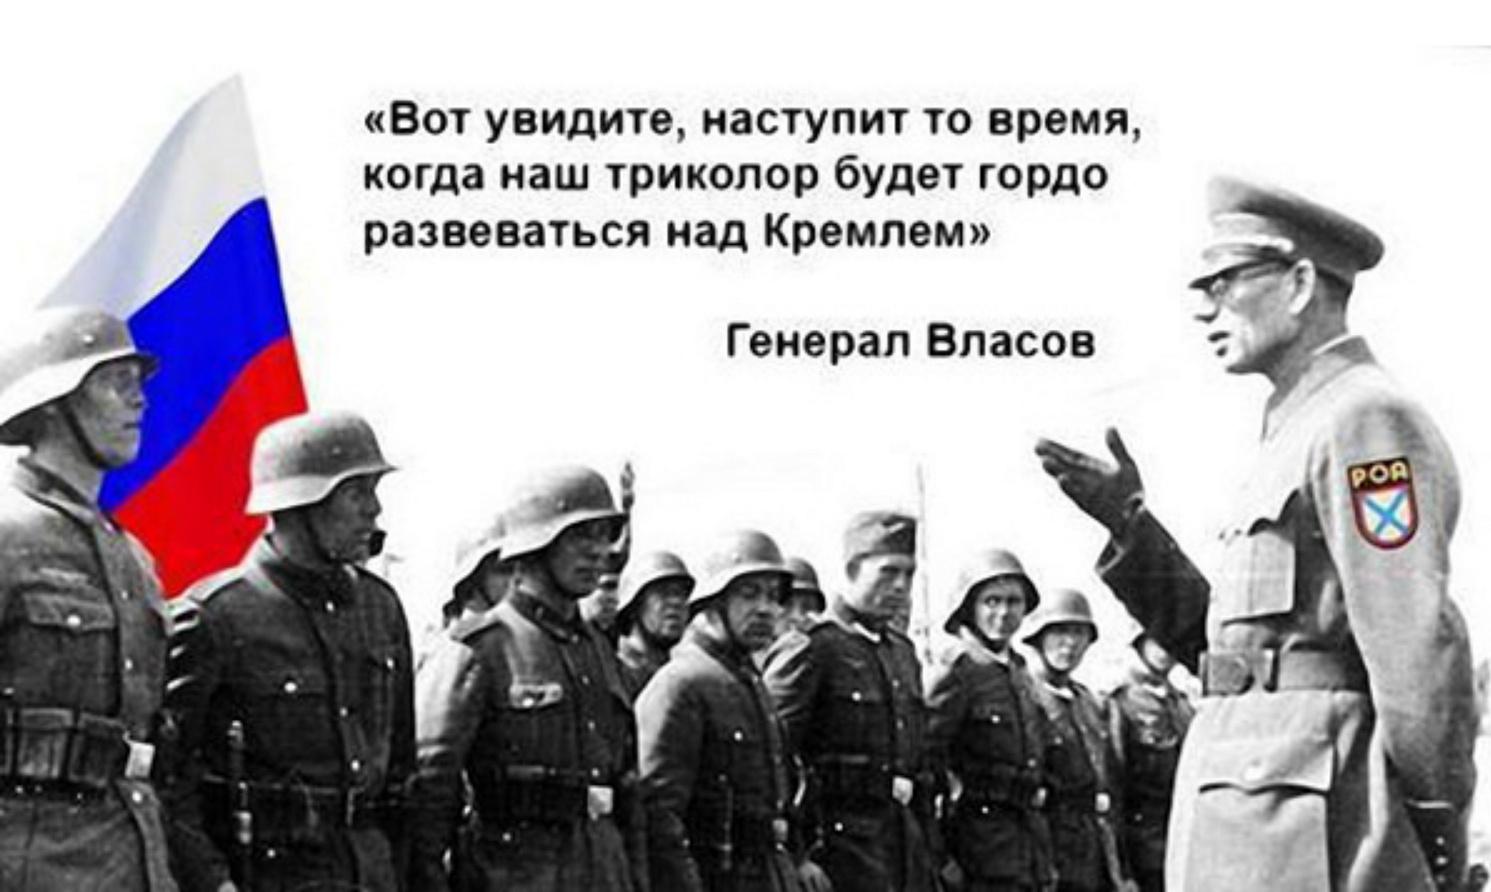 если под каким флагом воевала армия власова фото дочь